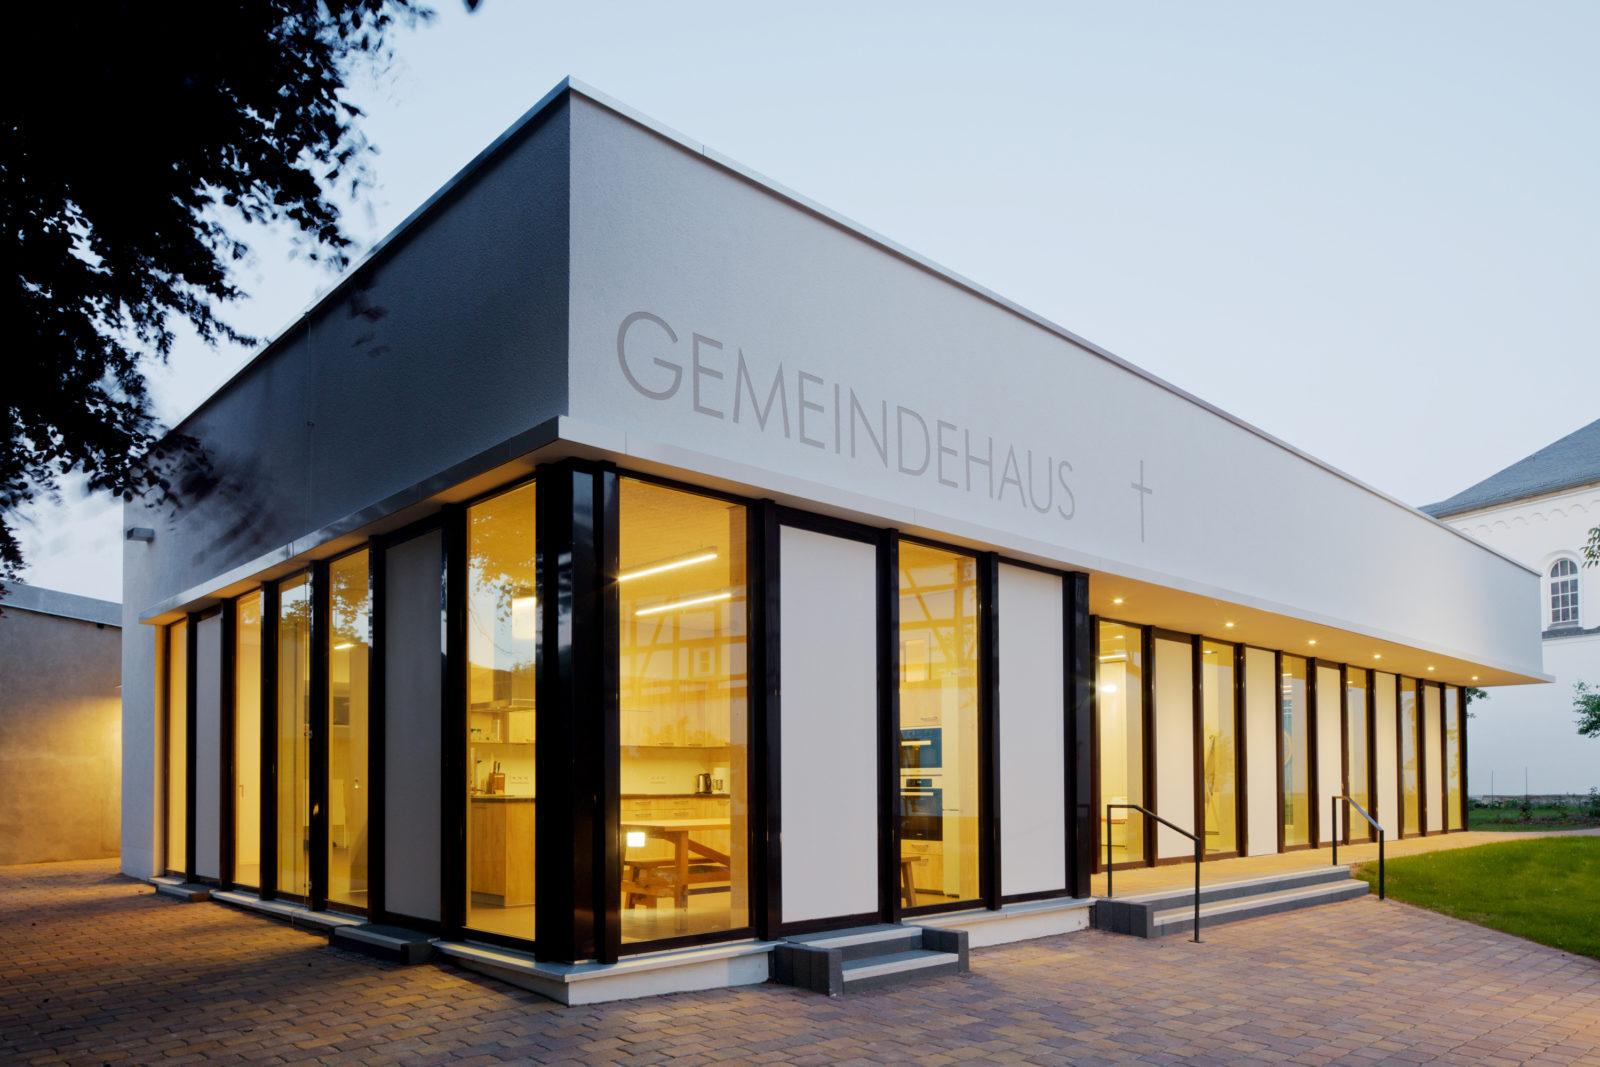 Neubau Gemeindehaus Hoffnungskirchgemeinde in Leipzig, Knauthain - Rückansicht